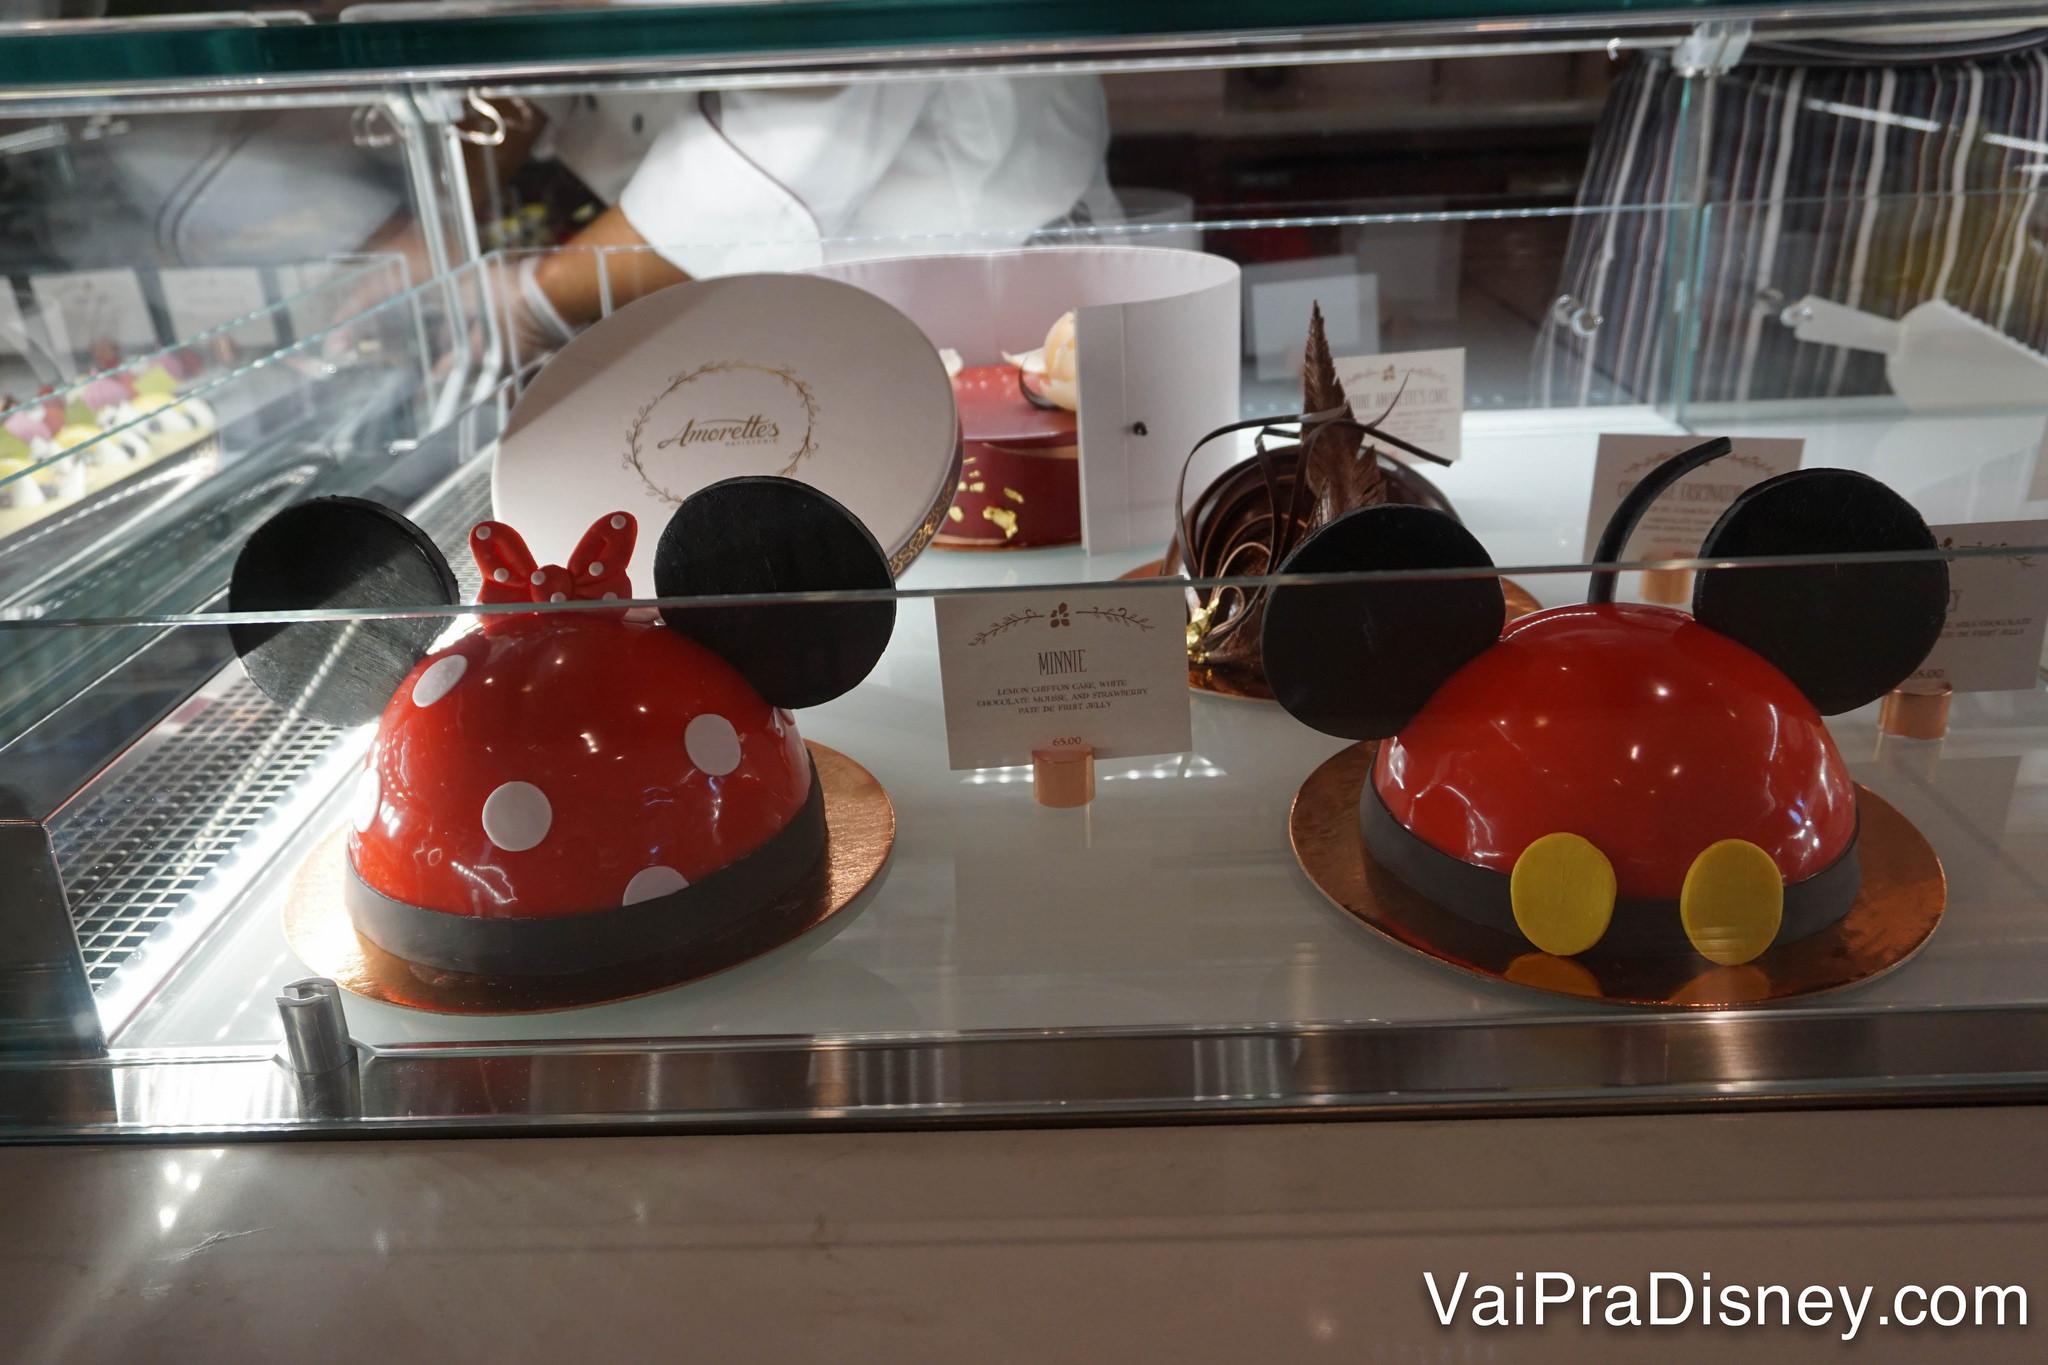 E esses bolos perfeitos dos personagens?